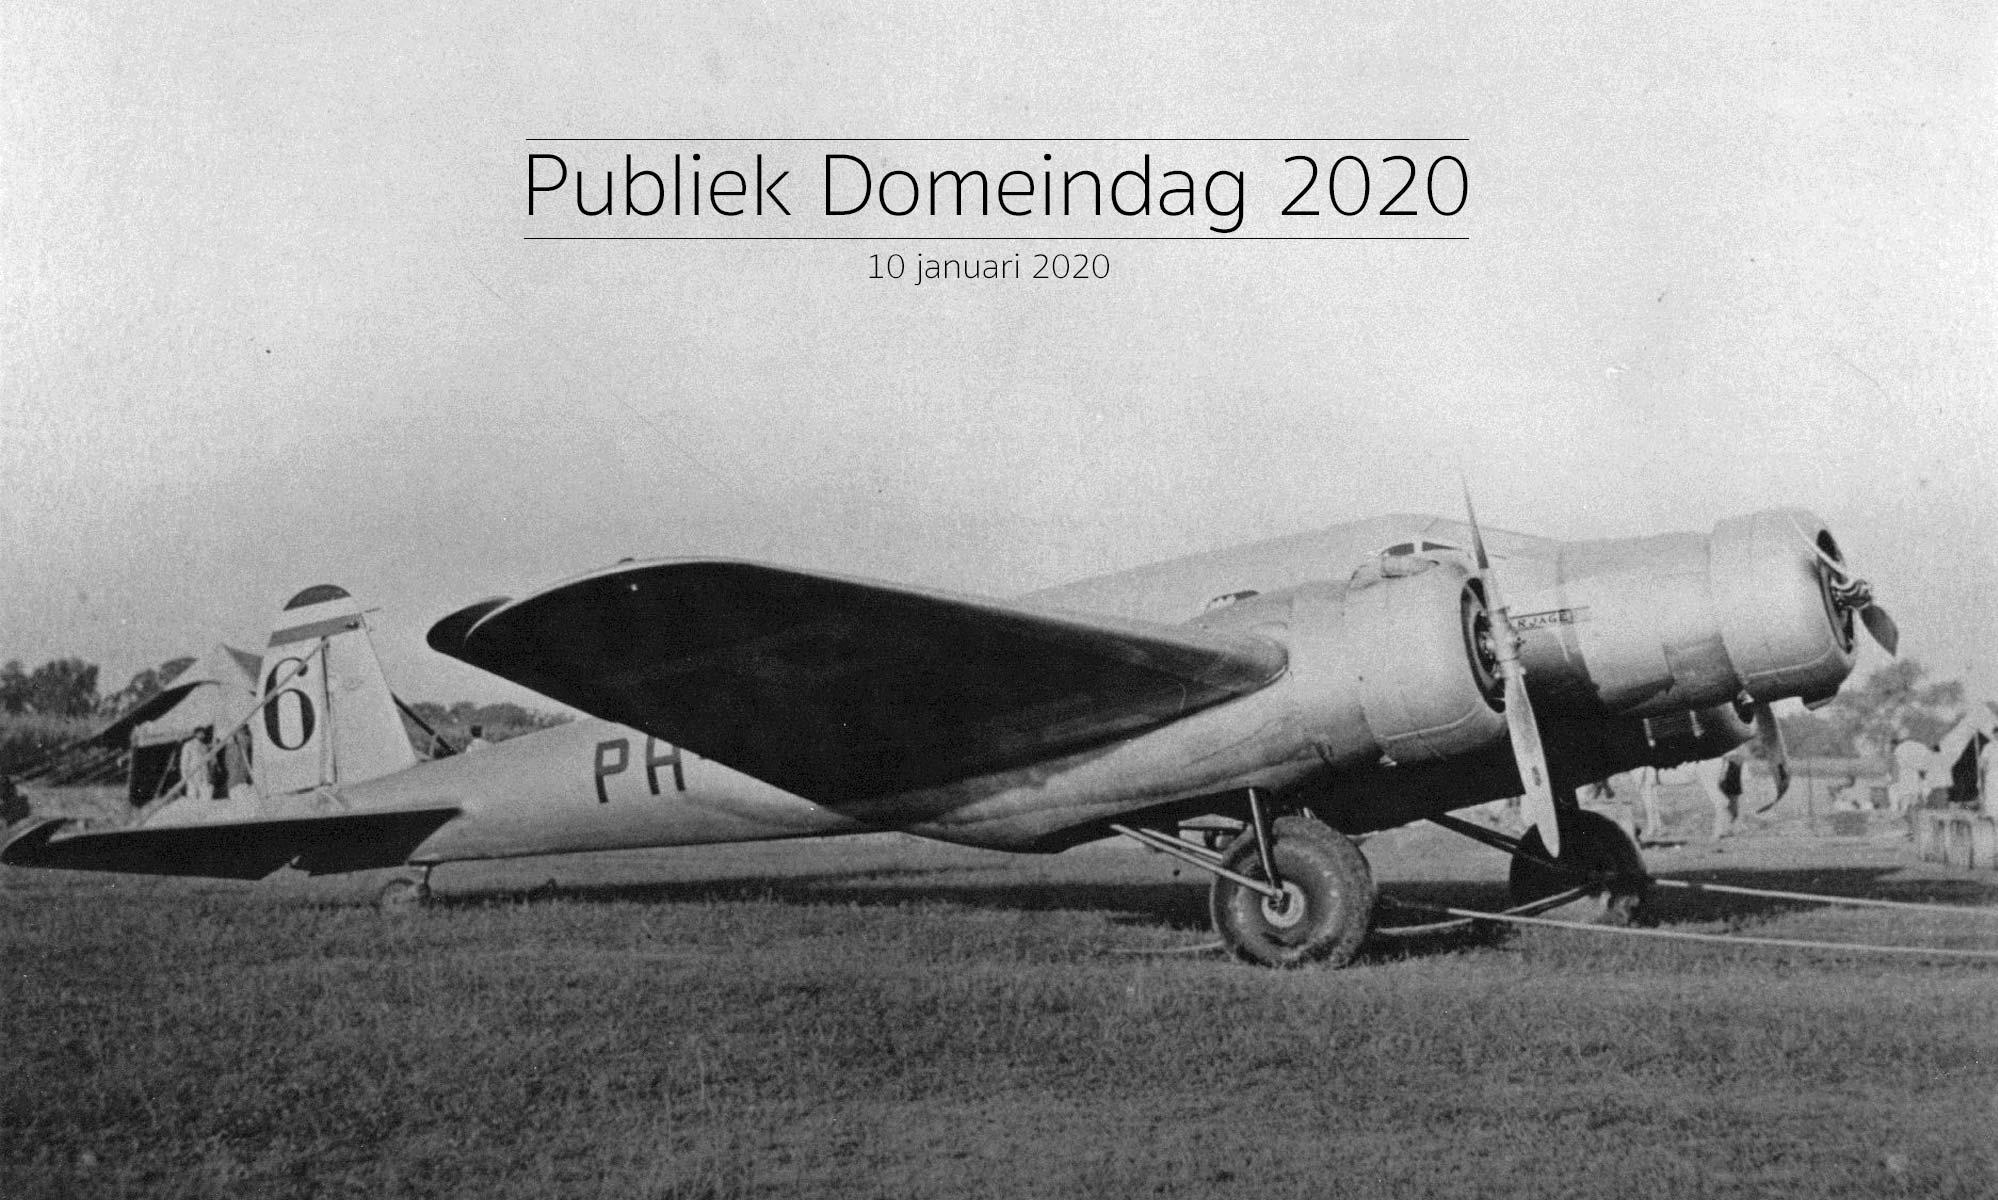 Publiek Domeindag 2020